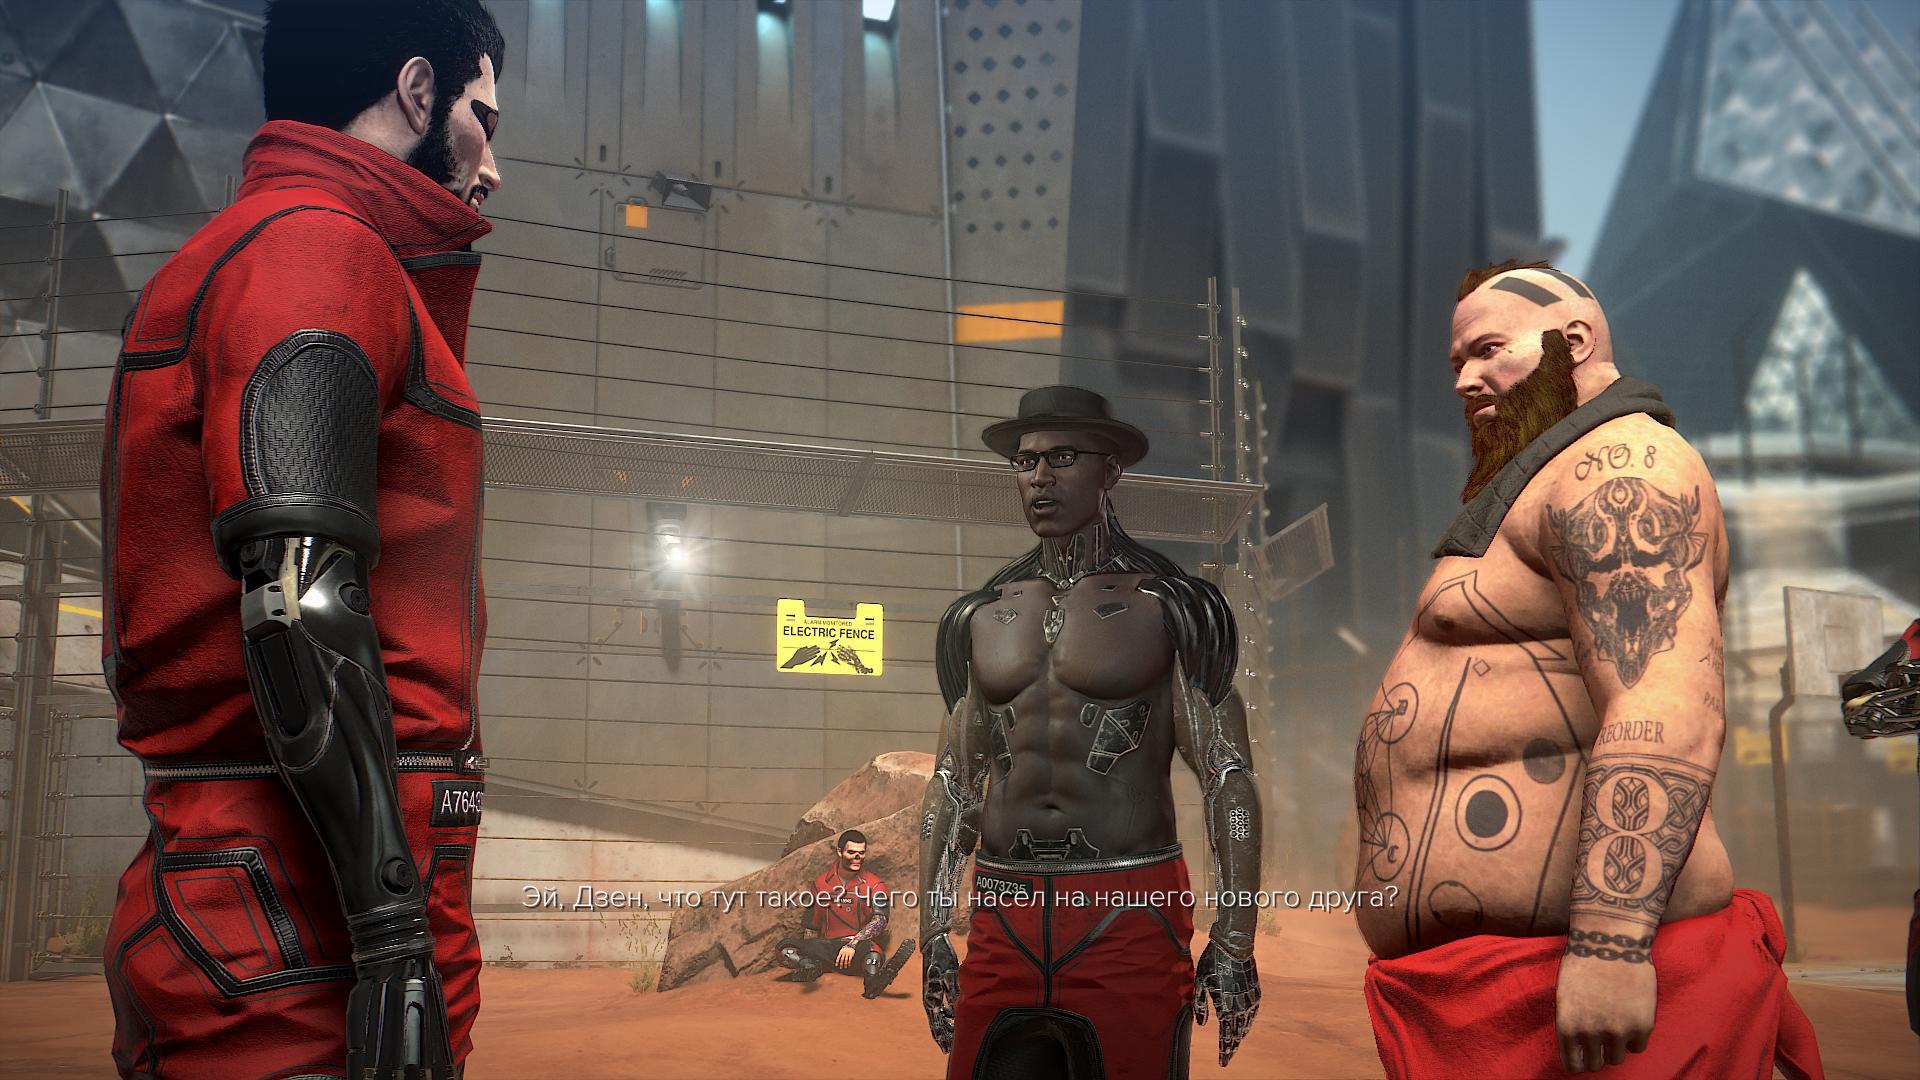 000357.Jpg - Deus Ex: Mankind Divided